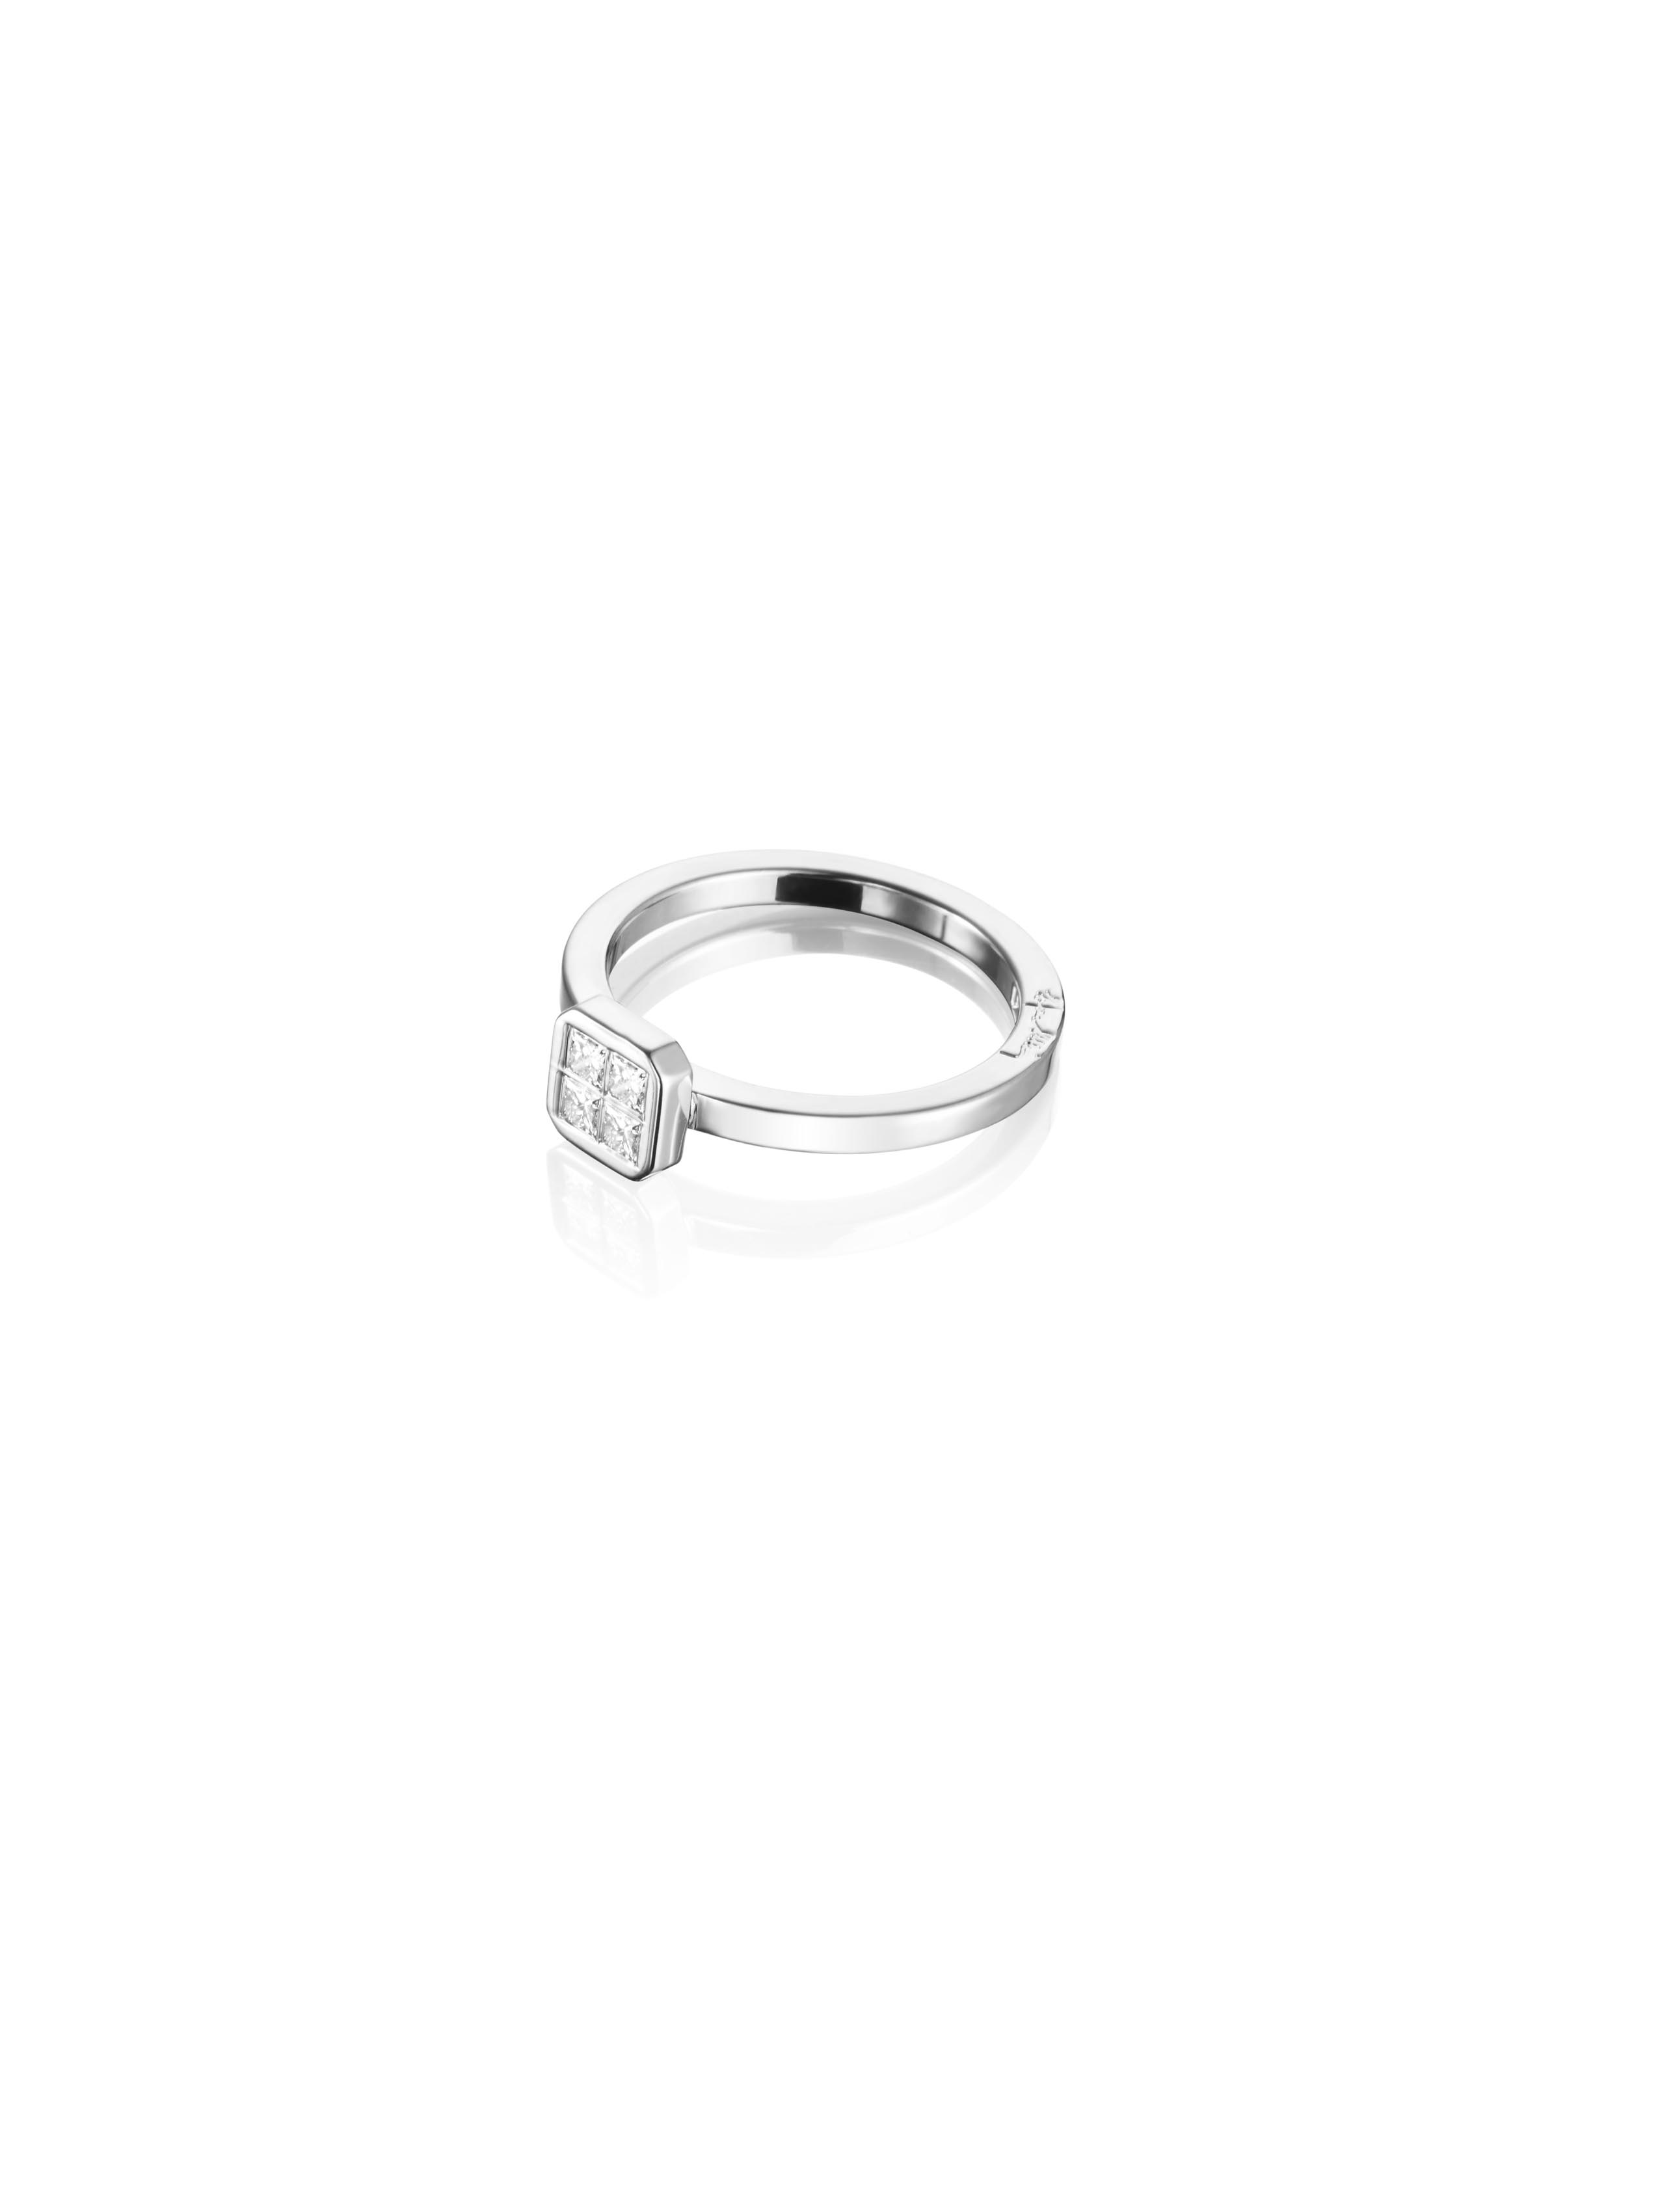 Efva Attling 4 Love Ring 0.20 ct White Gold